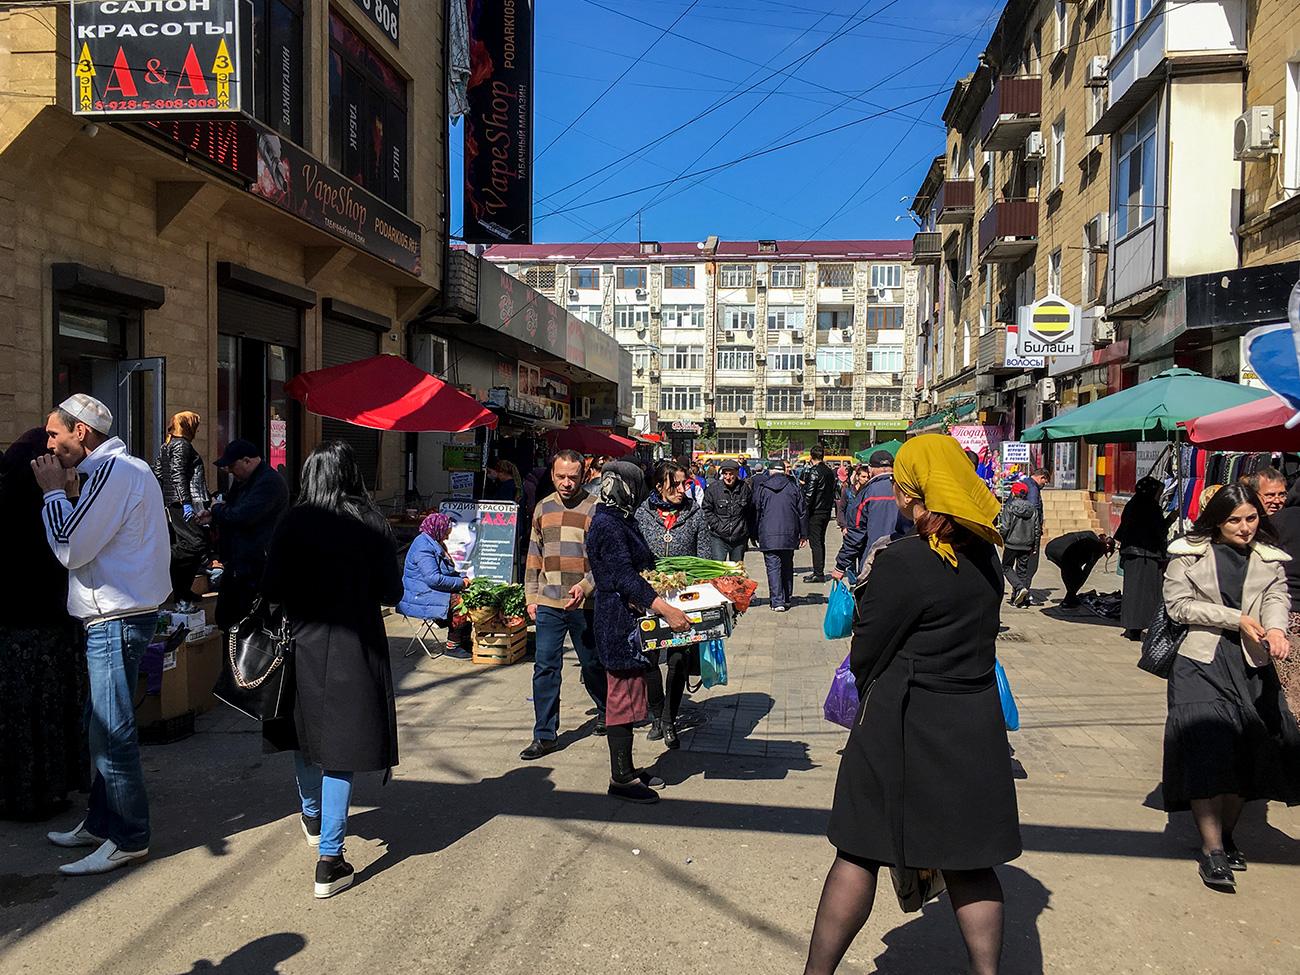 Sur un plan, la ville est mal proportionnée : Vladimir Sevrinovski dit qu'elle aurait fait le bonheur des peintres d'avant-garde qui, sur les portraits, aimaient placer l'oreille à la place du nez. Makhatchkala n'a pas toujours été un concentré de centres commerciaux, de constructions sauvages et de voitures garées n'importe comment : en 1970, la ville a été victime d'un tremblement de terre et après le démembrement de l'URSS, elle a beaucoup changé à cause de la crise et du départ d'un grand nombre d'habitants.